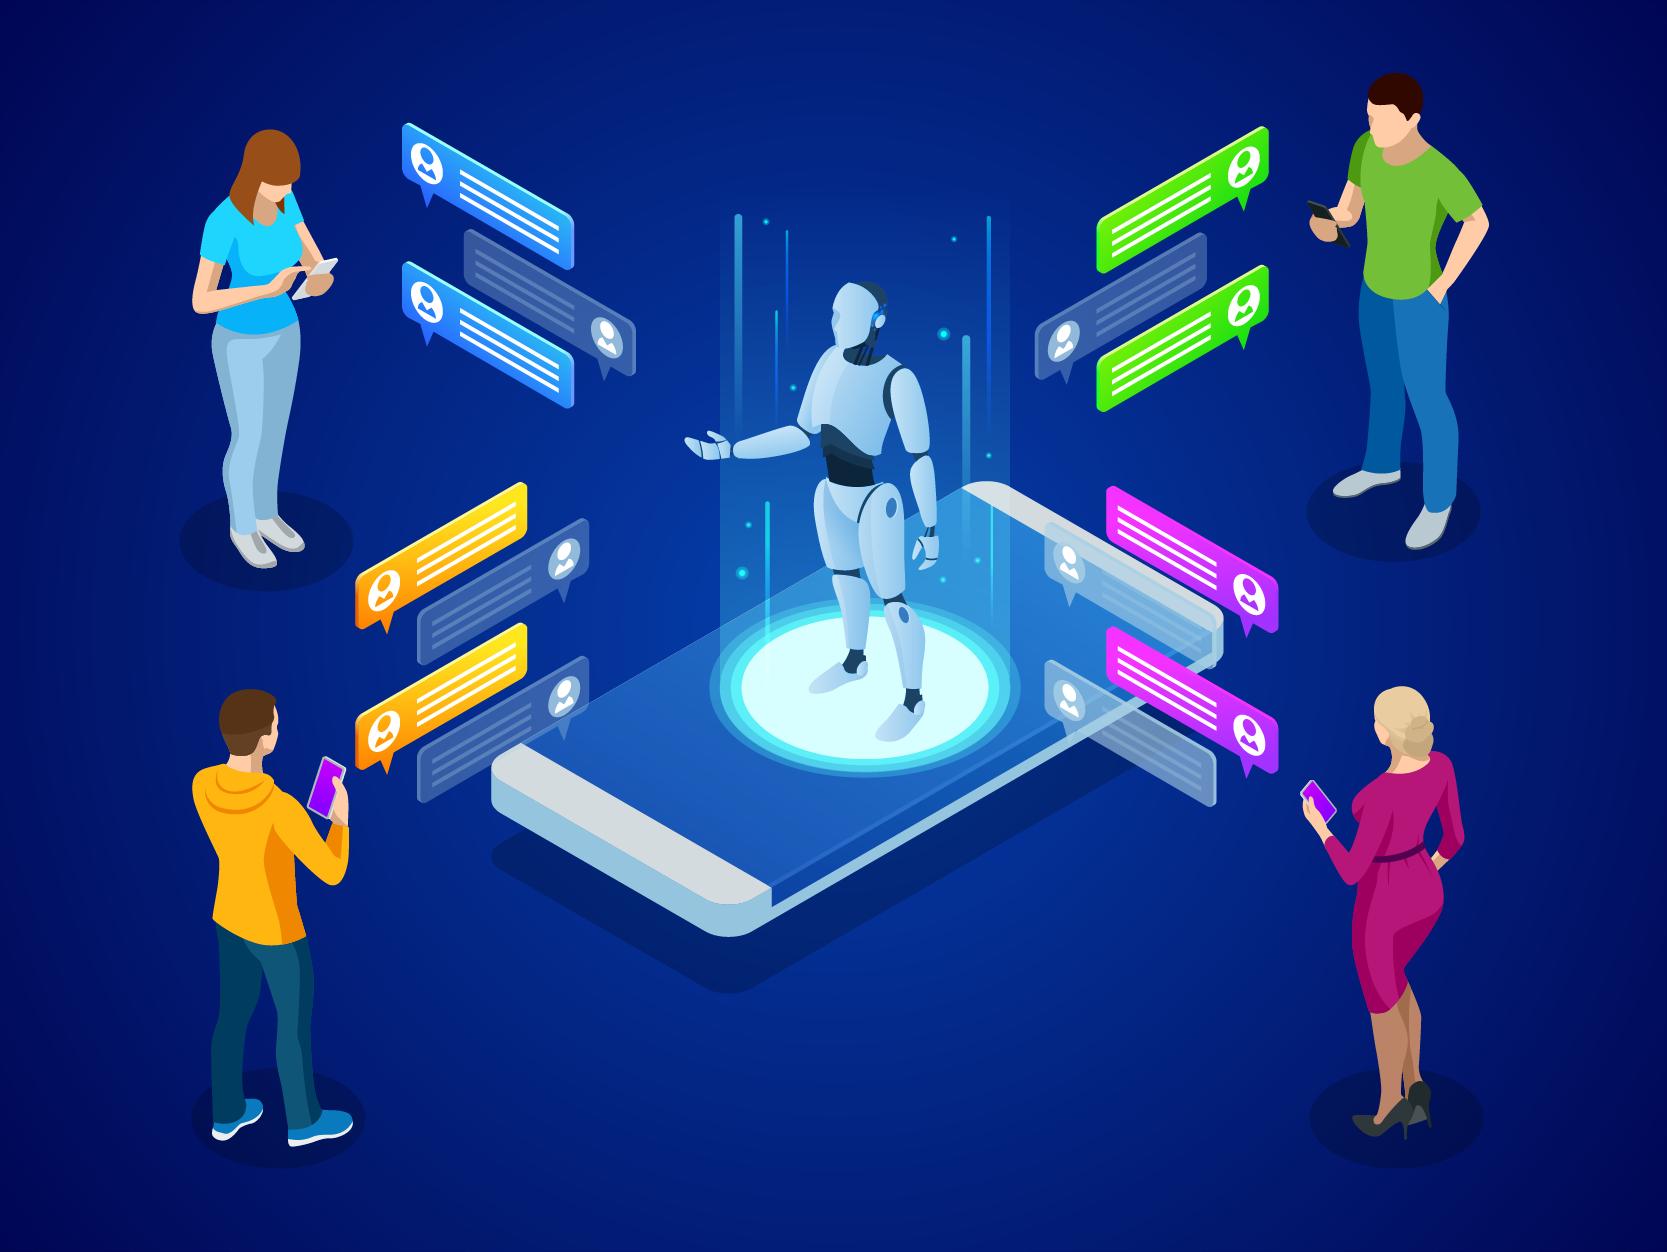 Chatbots herramienta de productividad para las empresas